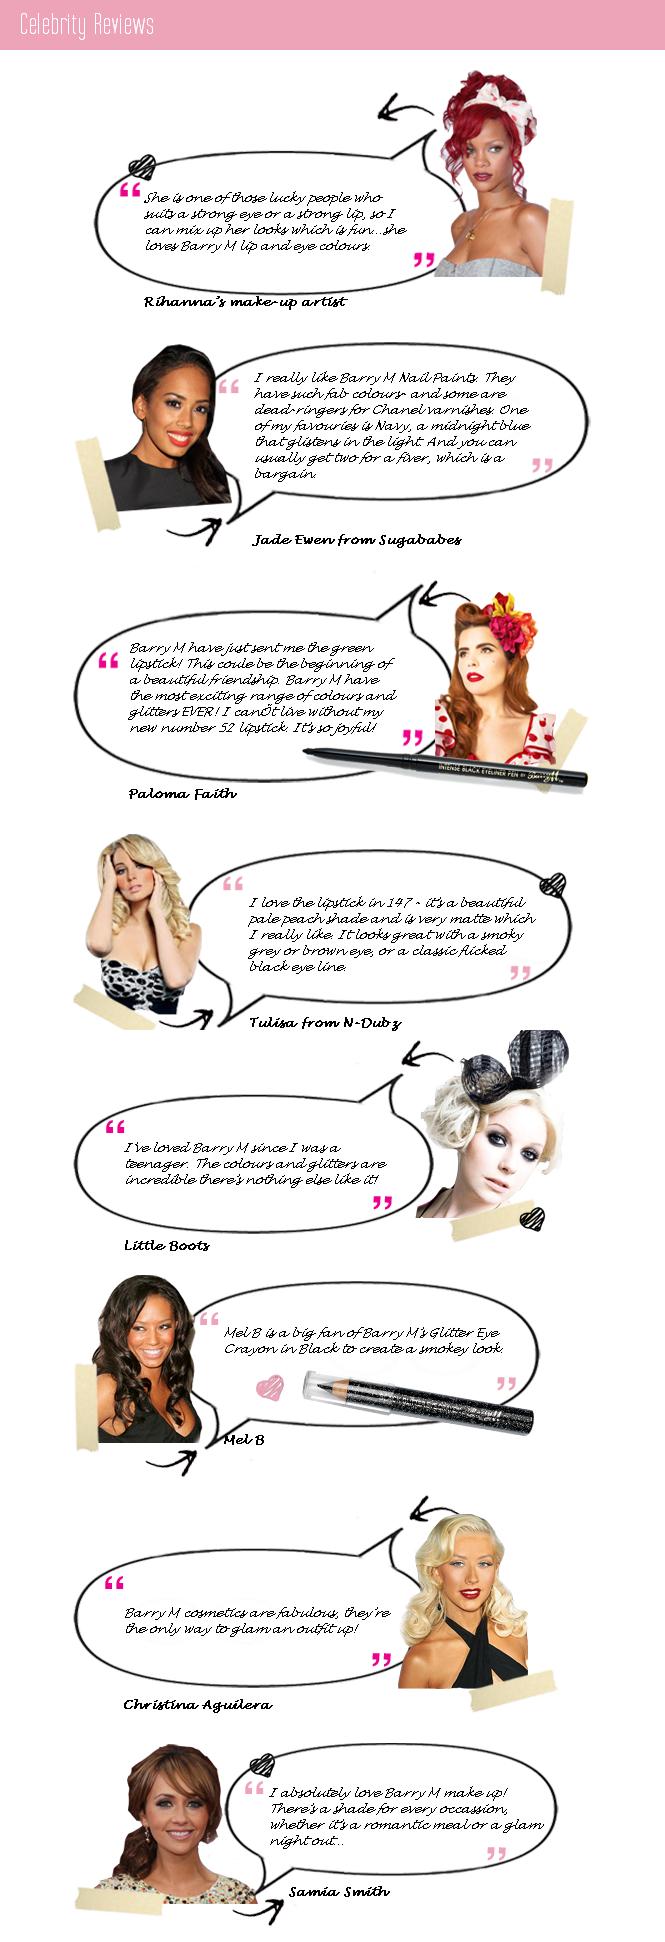 Celebrity Reviews